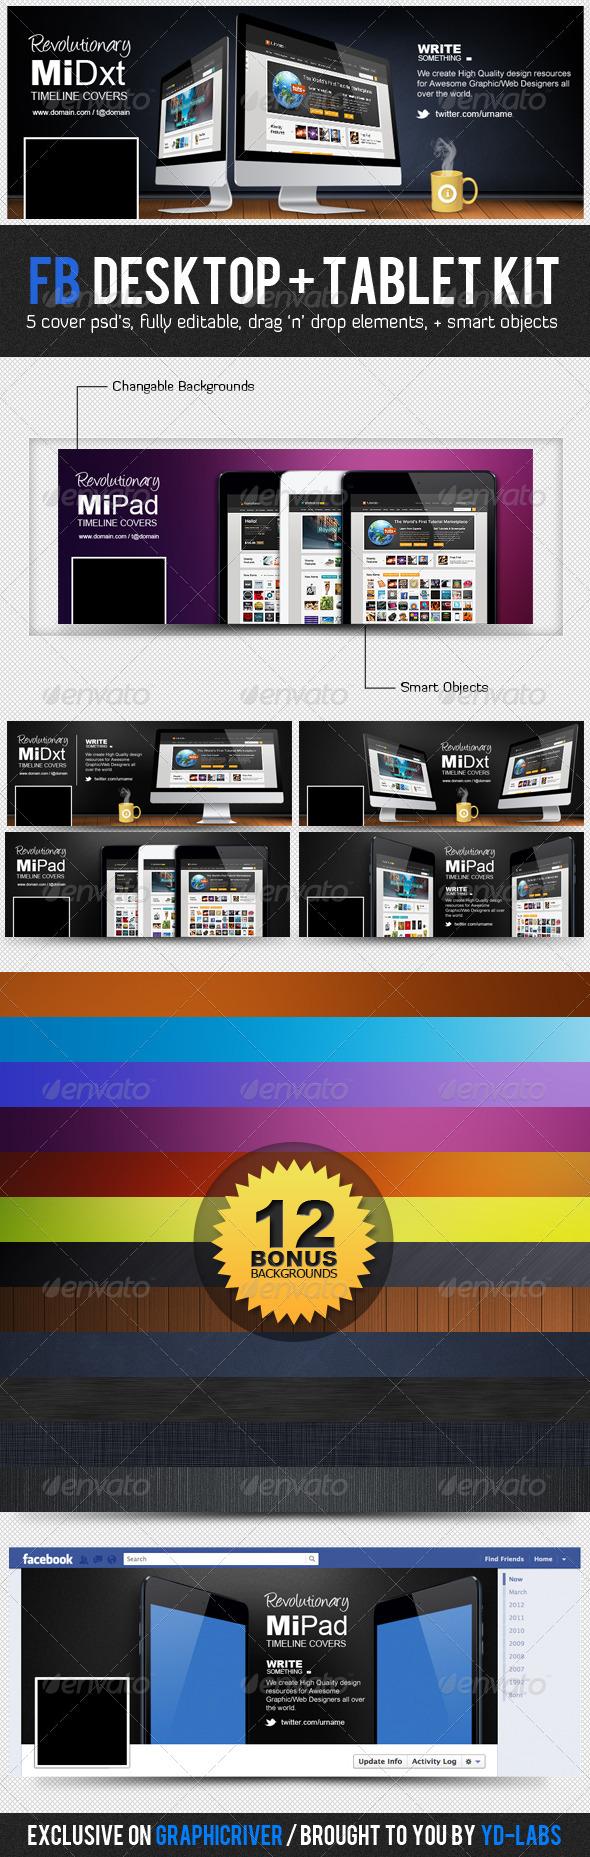 GraphicRiver FB Desktop Tablet Kit 3322731